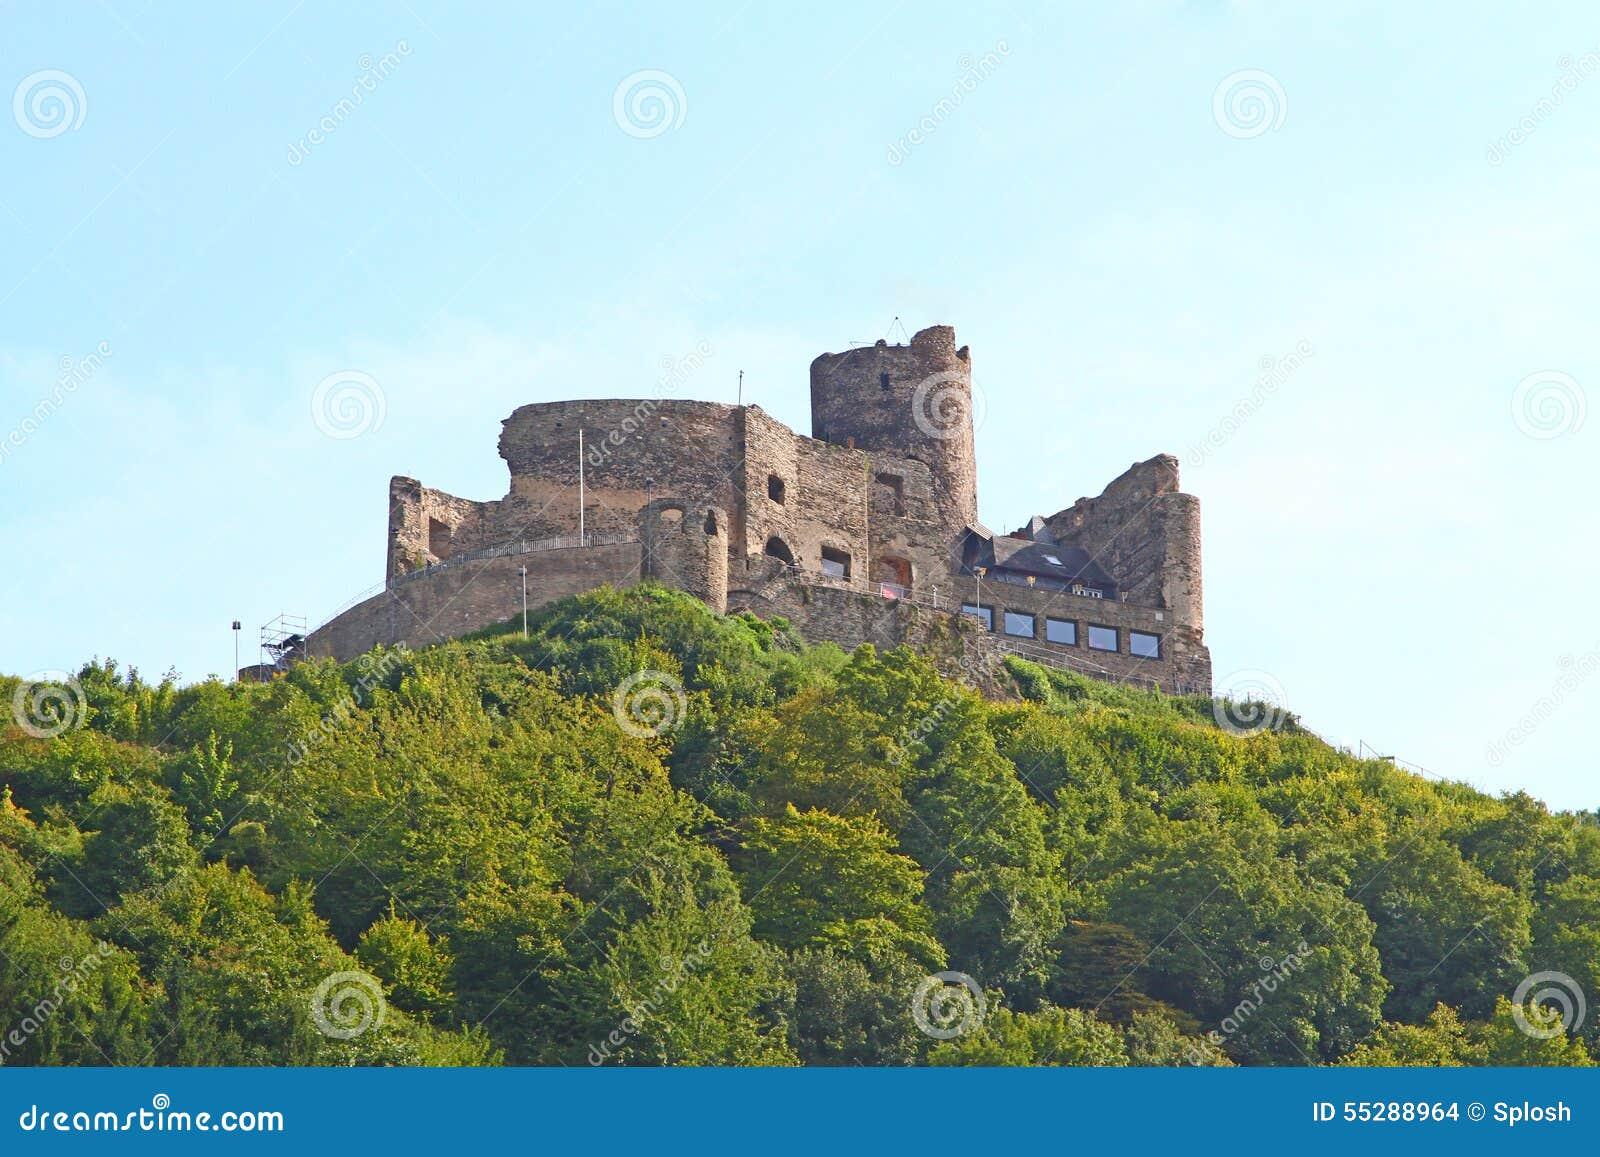 Burg Landshut à la rivière la Moselle en Allemagne